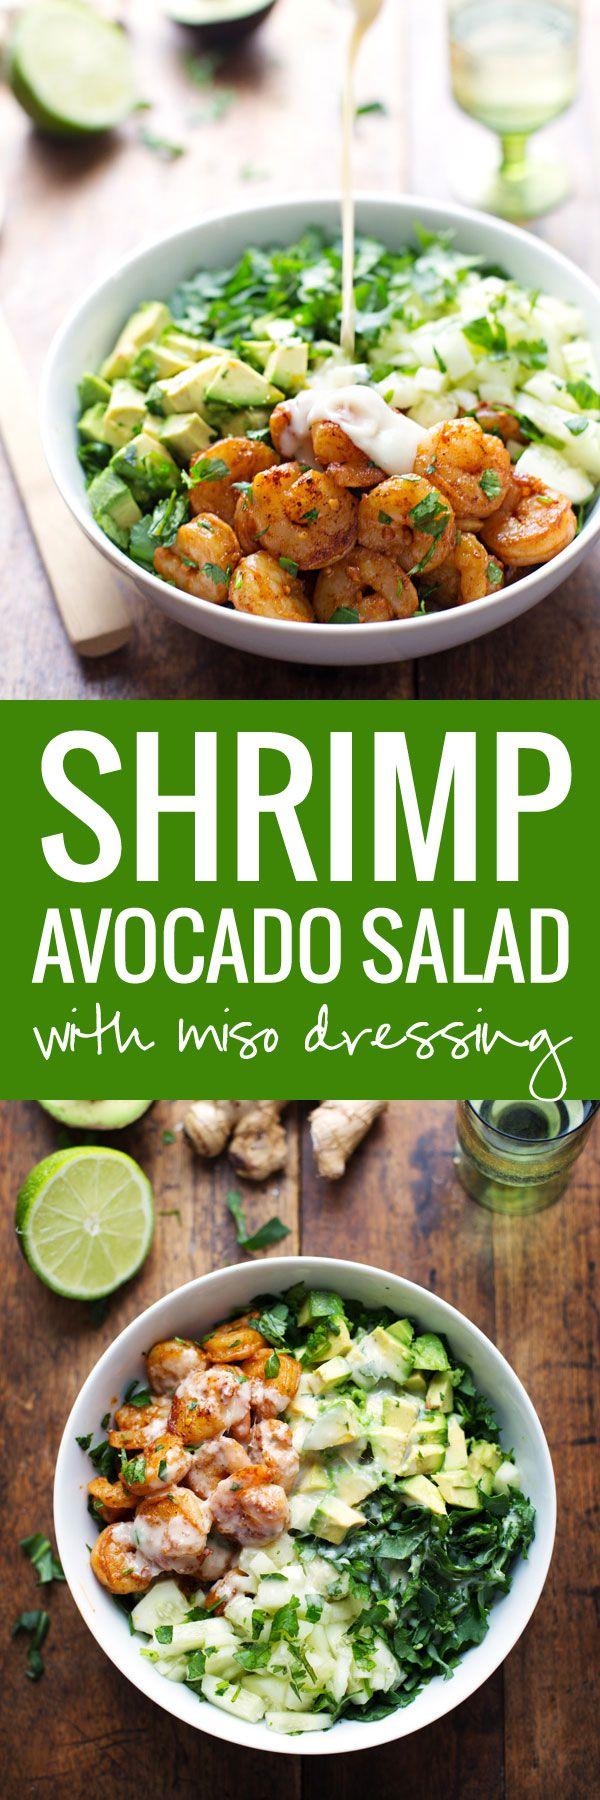 Spicy shrimp avocado salad